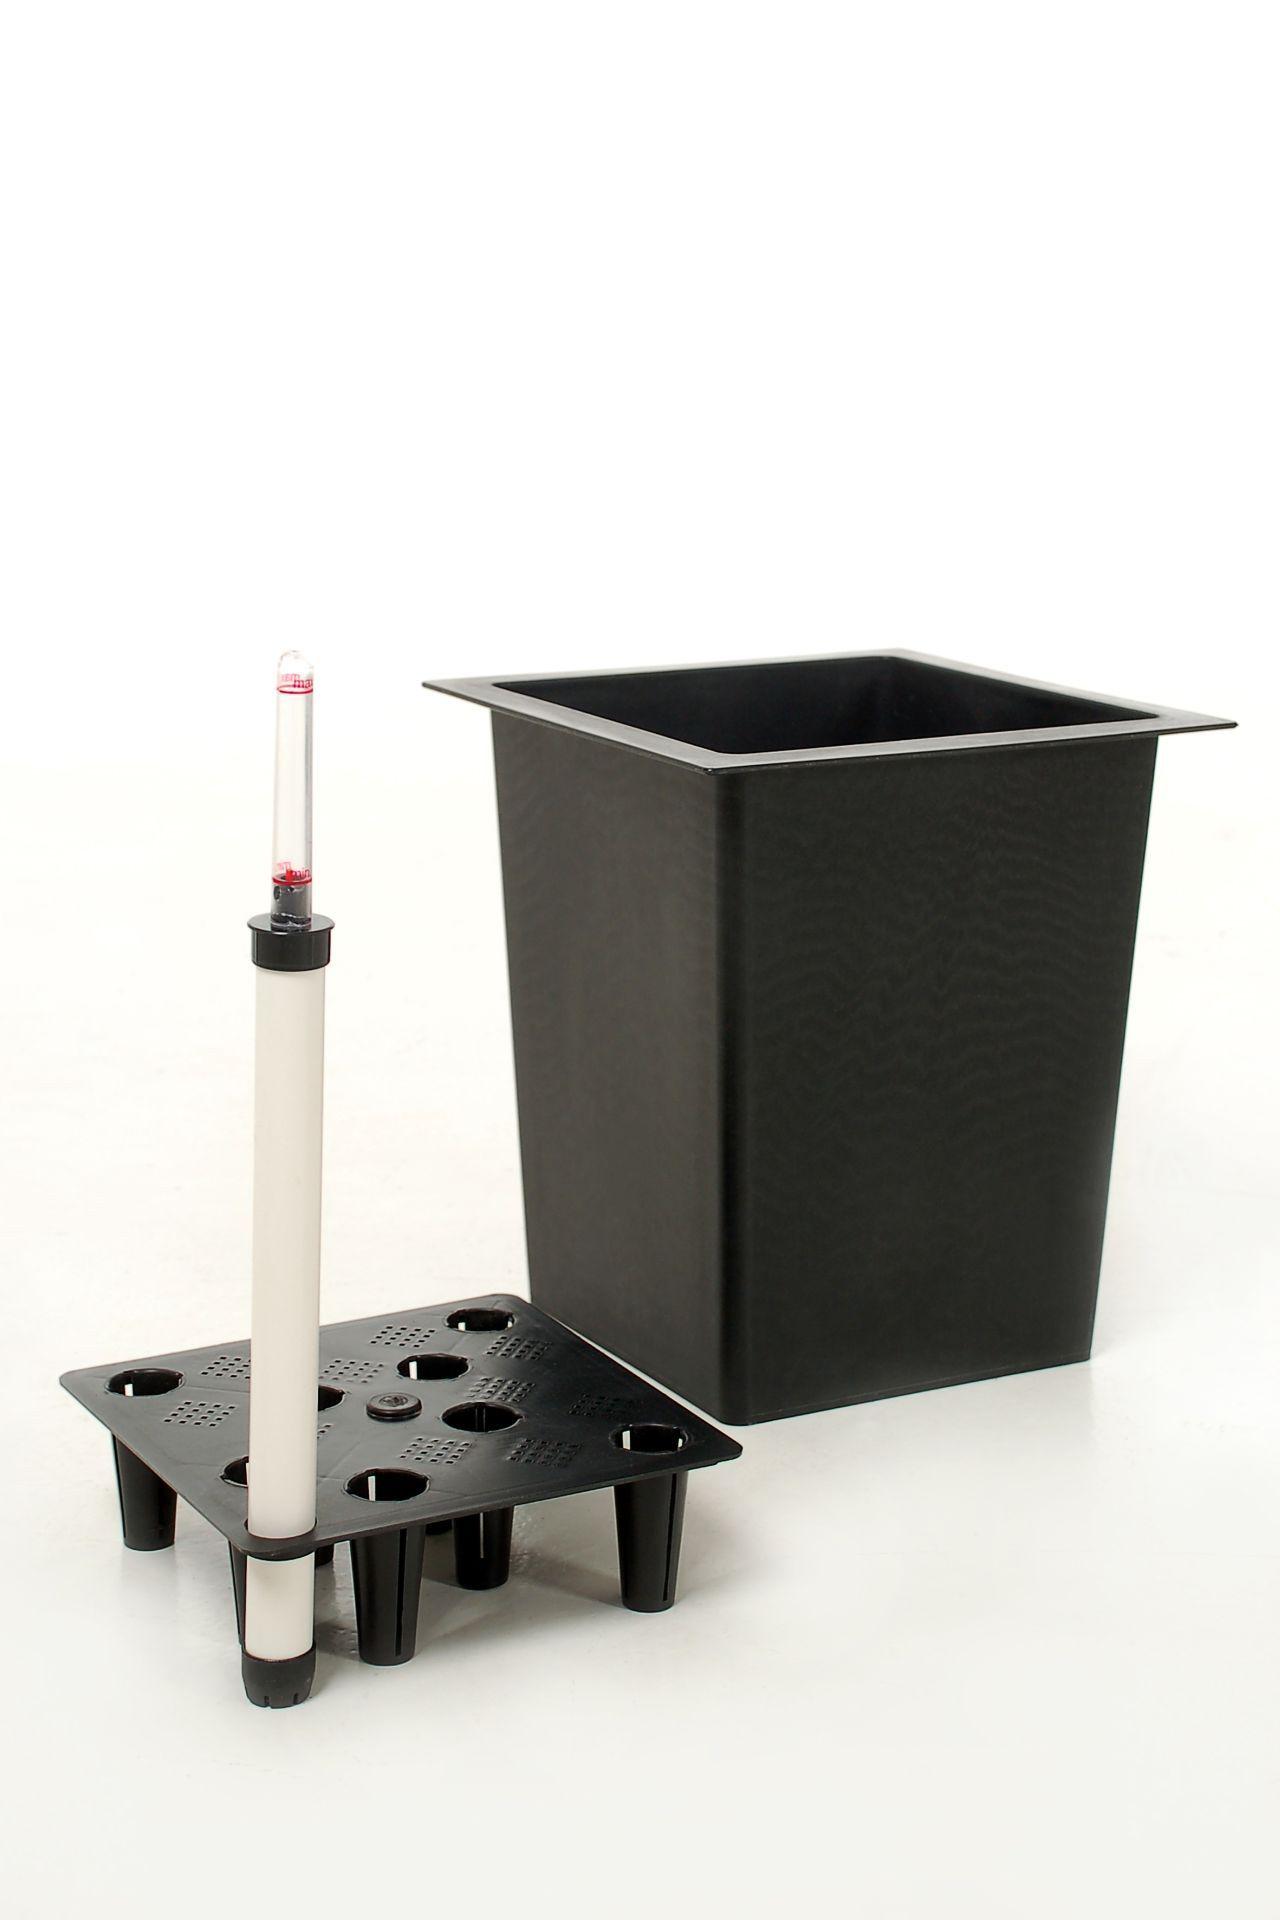 pflanzk beleinsatz aus kunststoff schwarz 34x34x32cm cm mit bew sserungssystem ebay. Black Bedroom Furniture Sets. Home Design Ideas